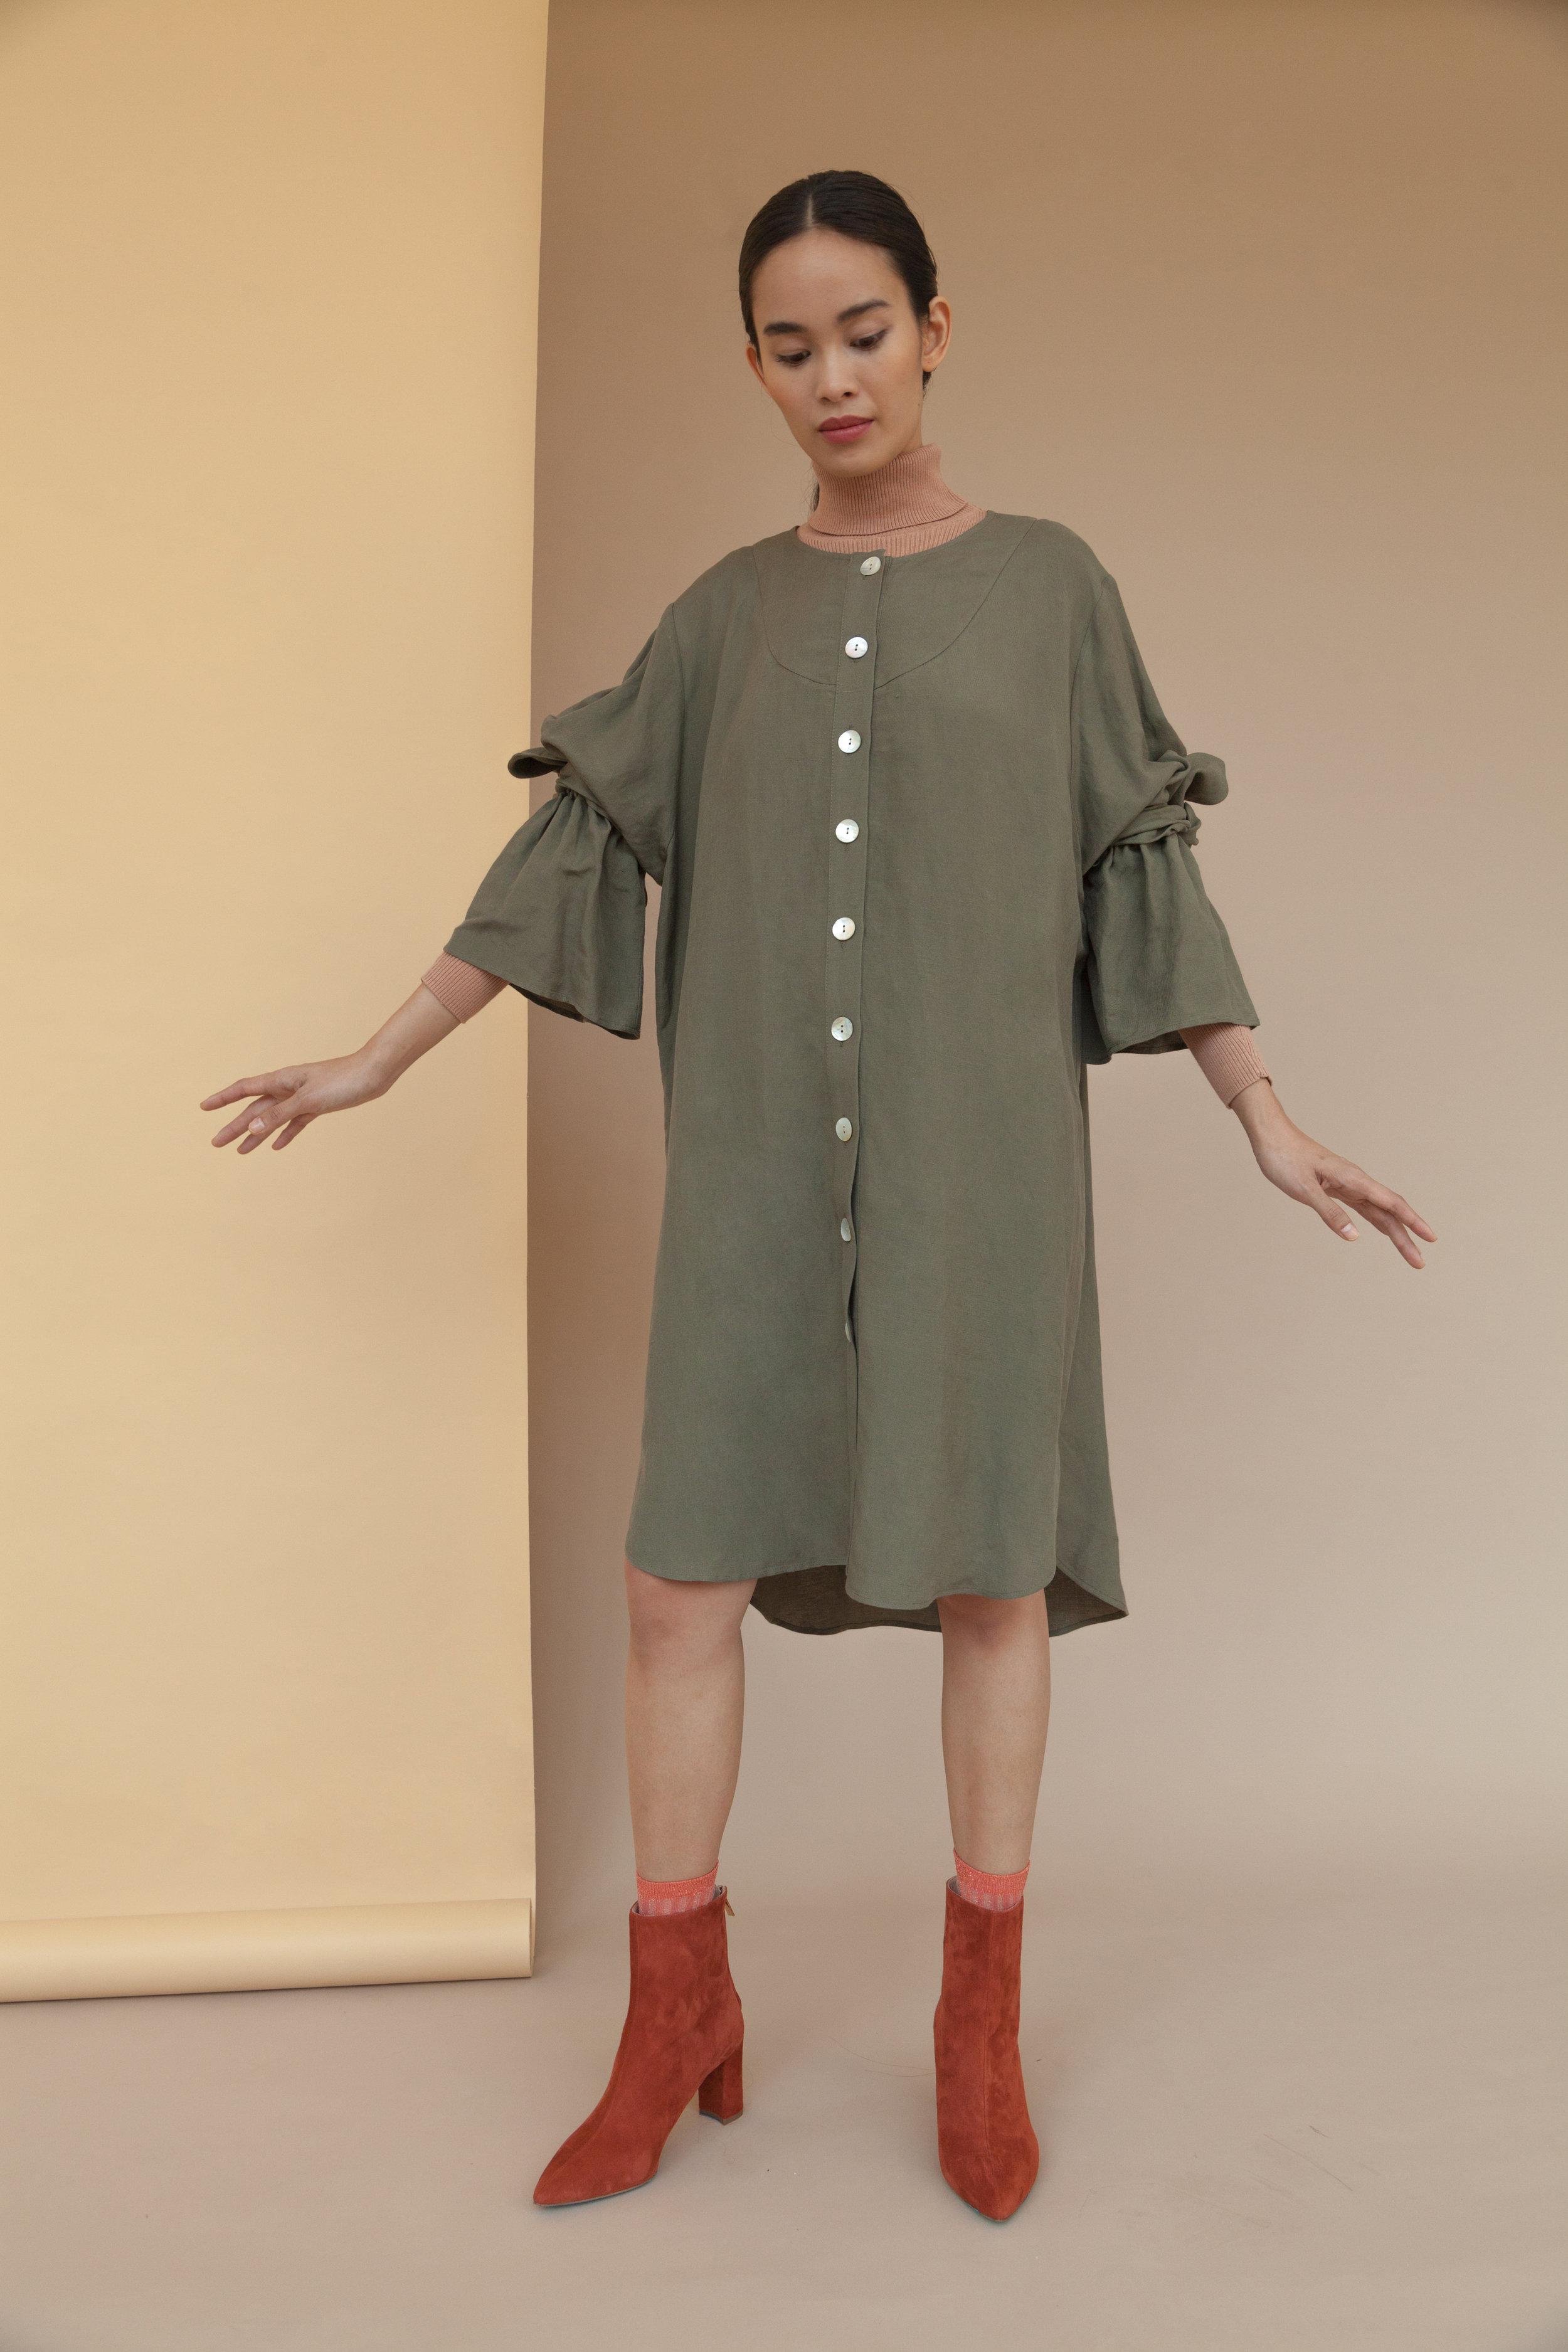 House-Dress-Lin-Dress-Garmentory